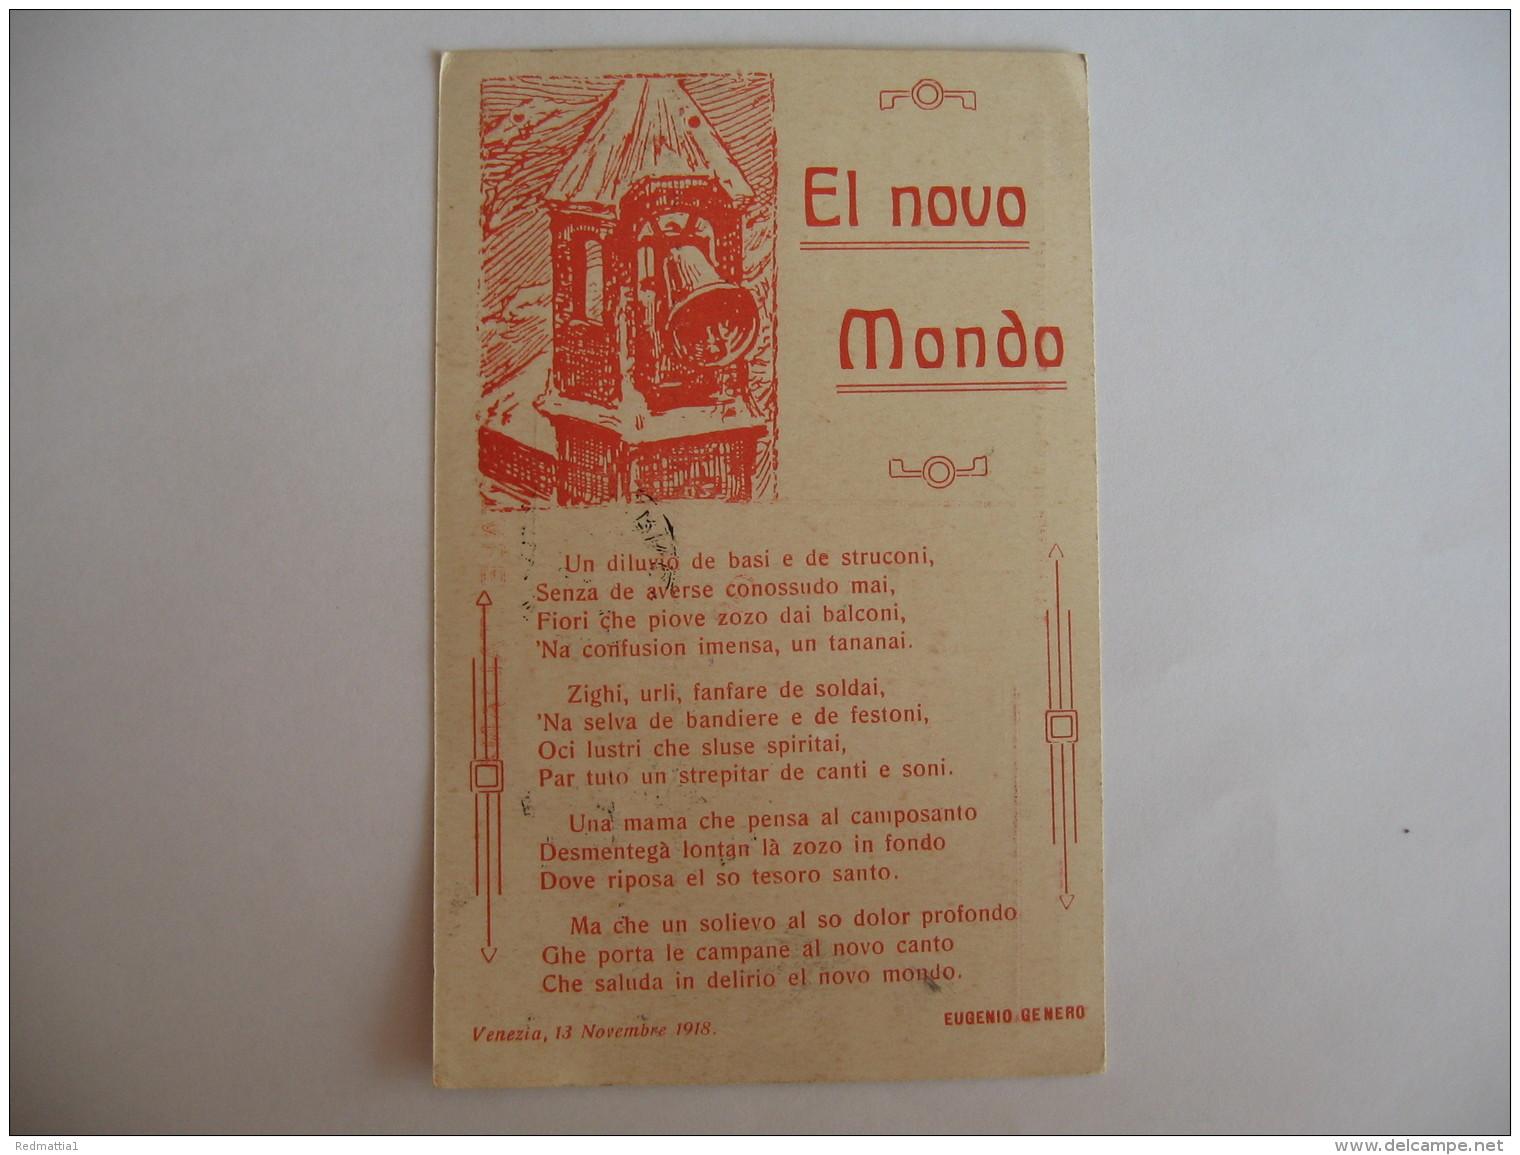 CARTOLINA FORMATO PICCOLO -  EL NOVO MONDO EUGENIO GENERO 1918   - B 2181 - Venezia